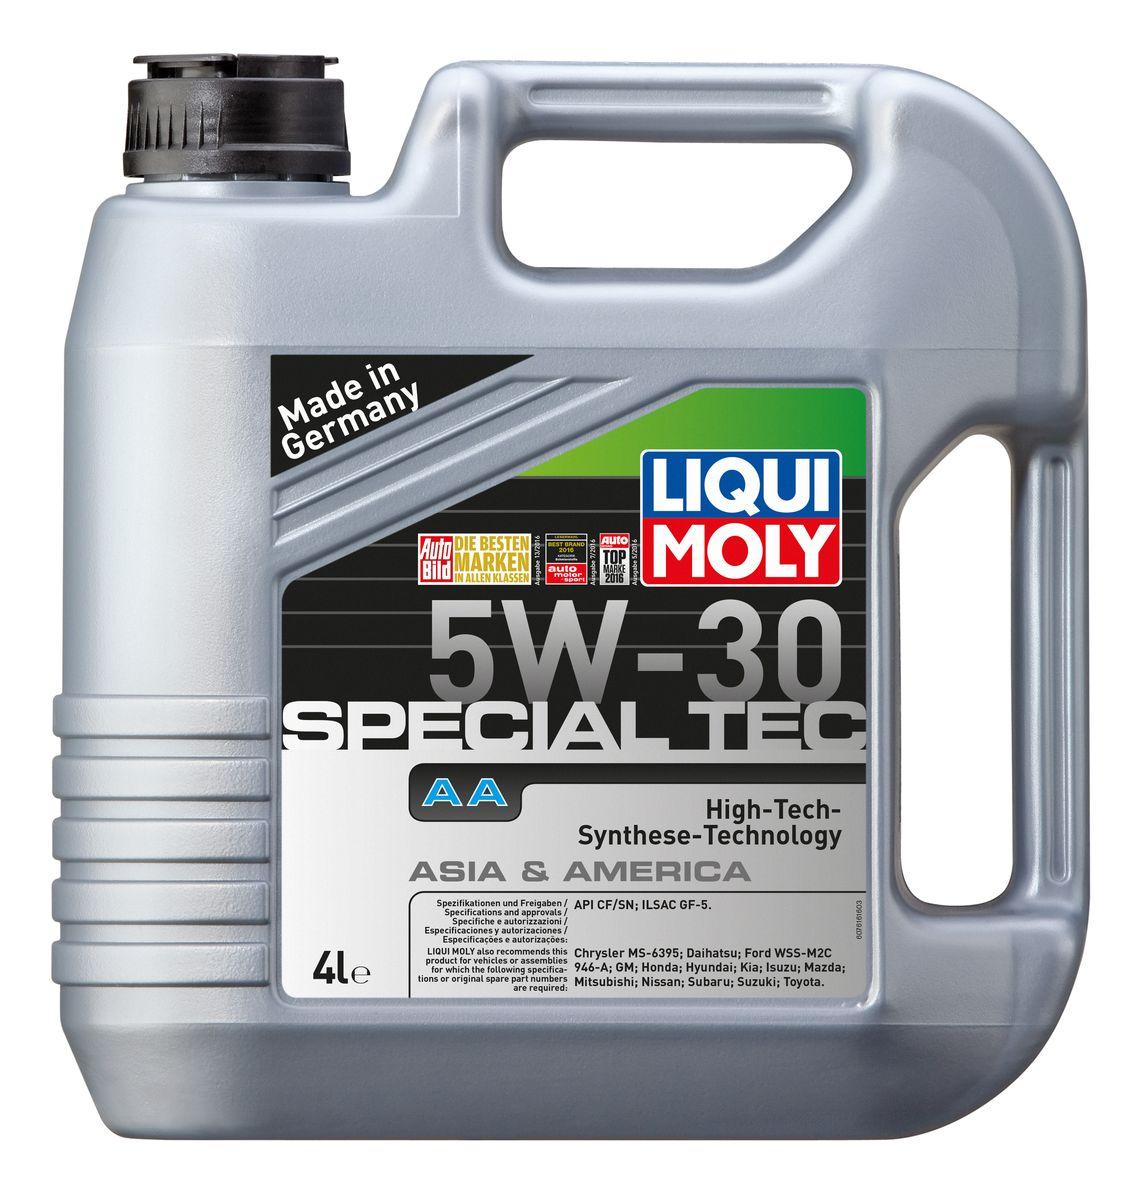 Масло моторное Liqui Moly Special Tec AA, НС-синтетическое, 5W-30, 4 л присадка liqui moly benzin system pflege для ухода за бензиновой системой впрыска 0 3 л